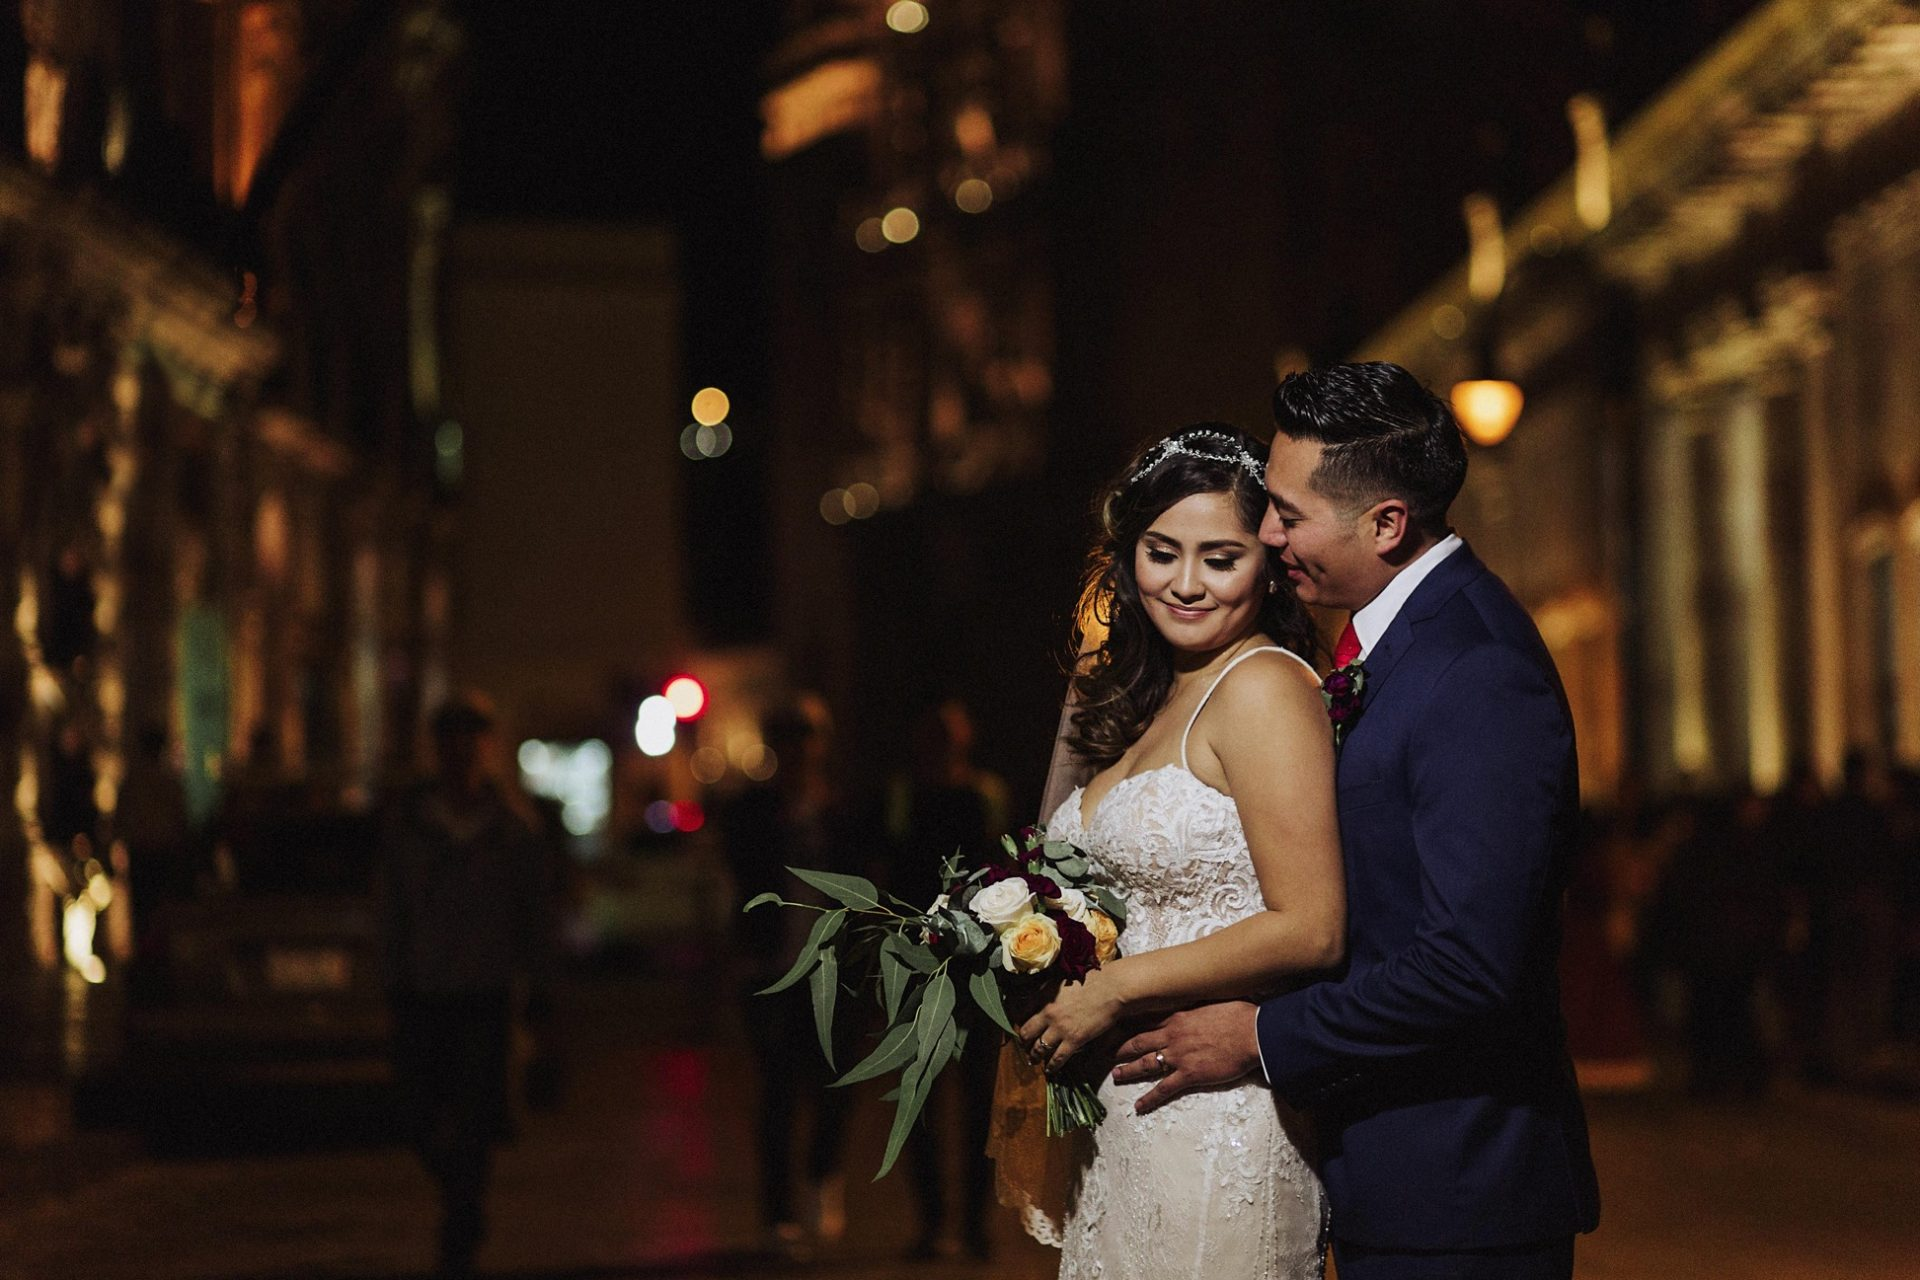 fotografo_profesional_bodas_zacatecas_mexico-57